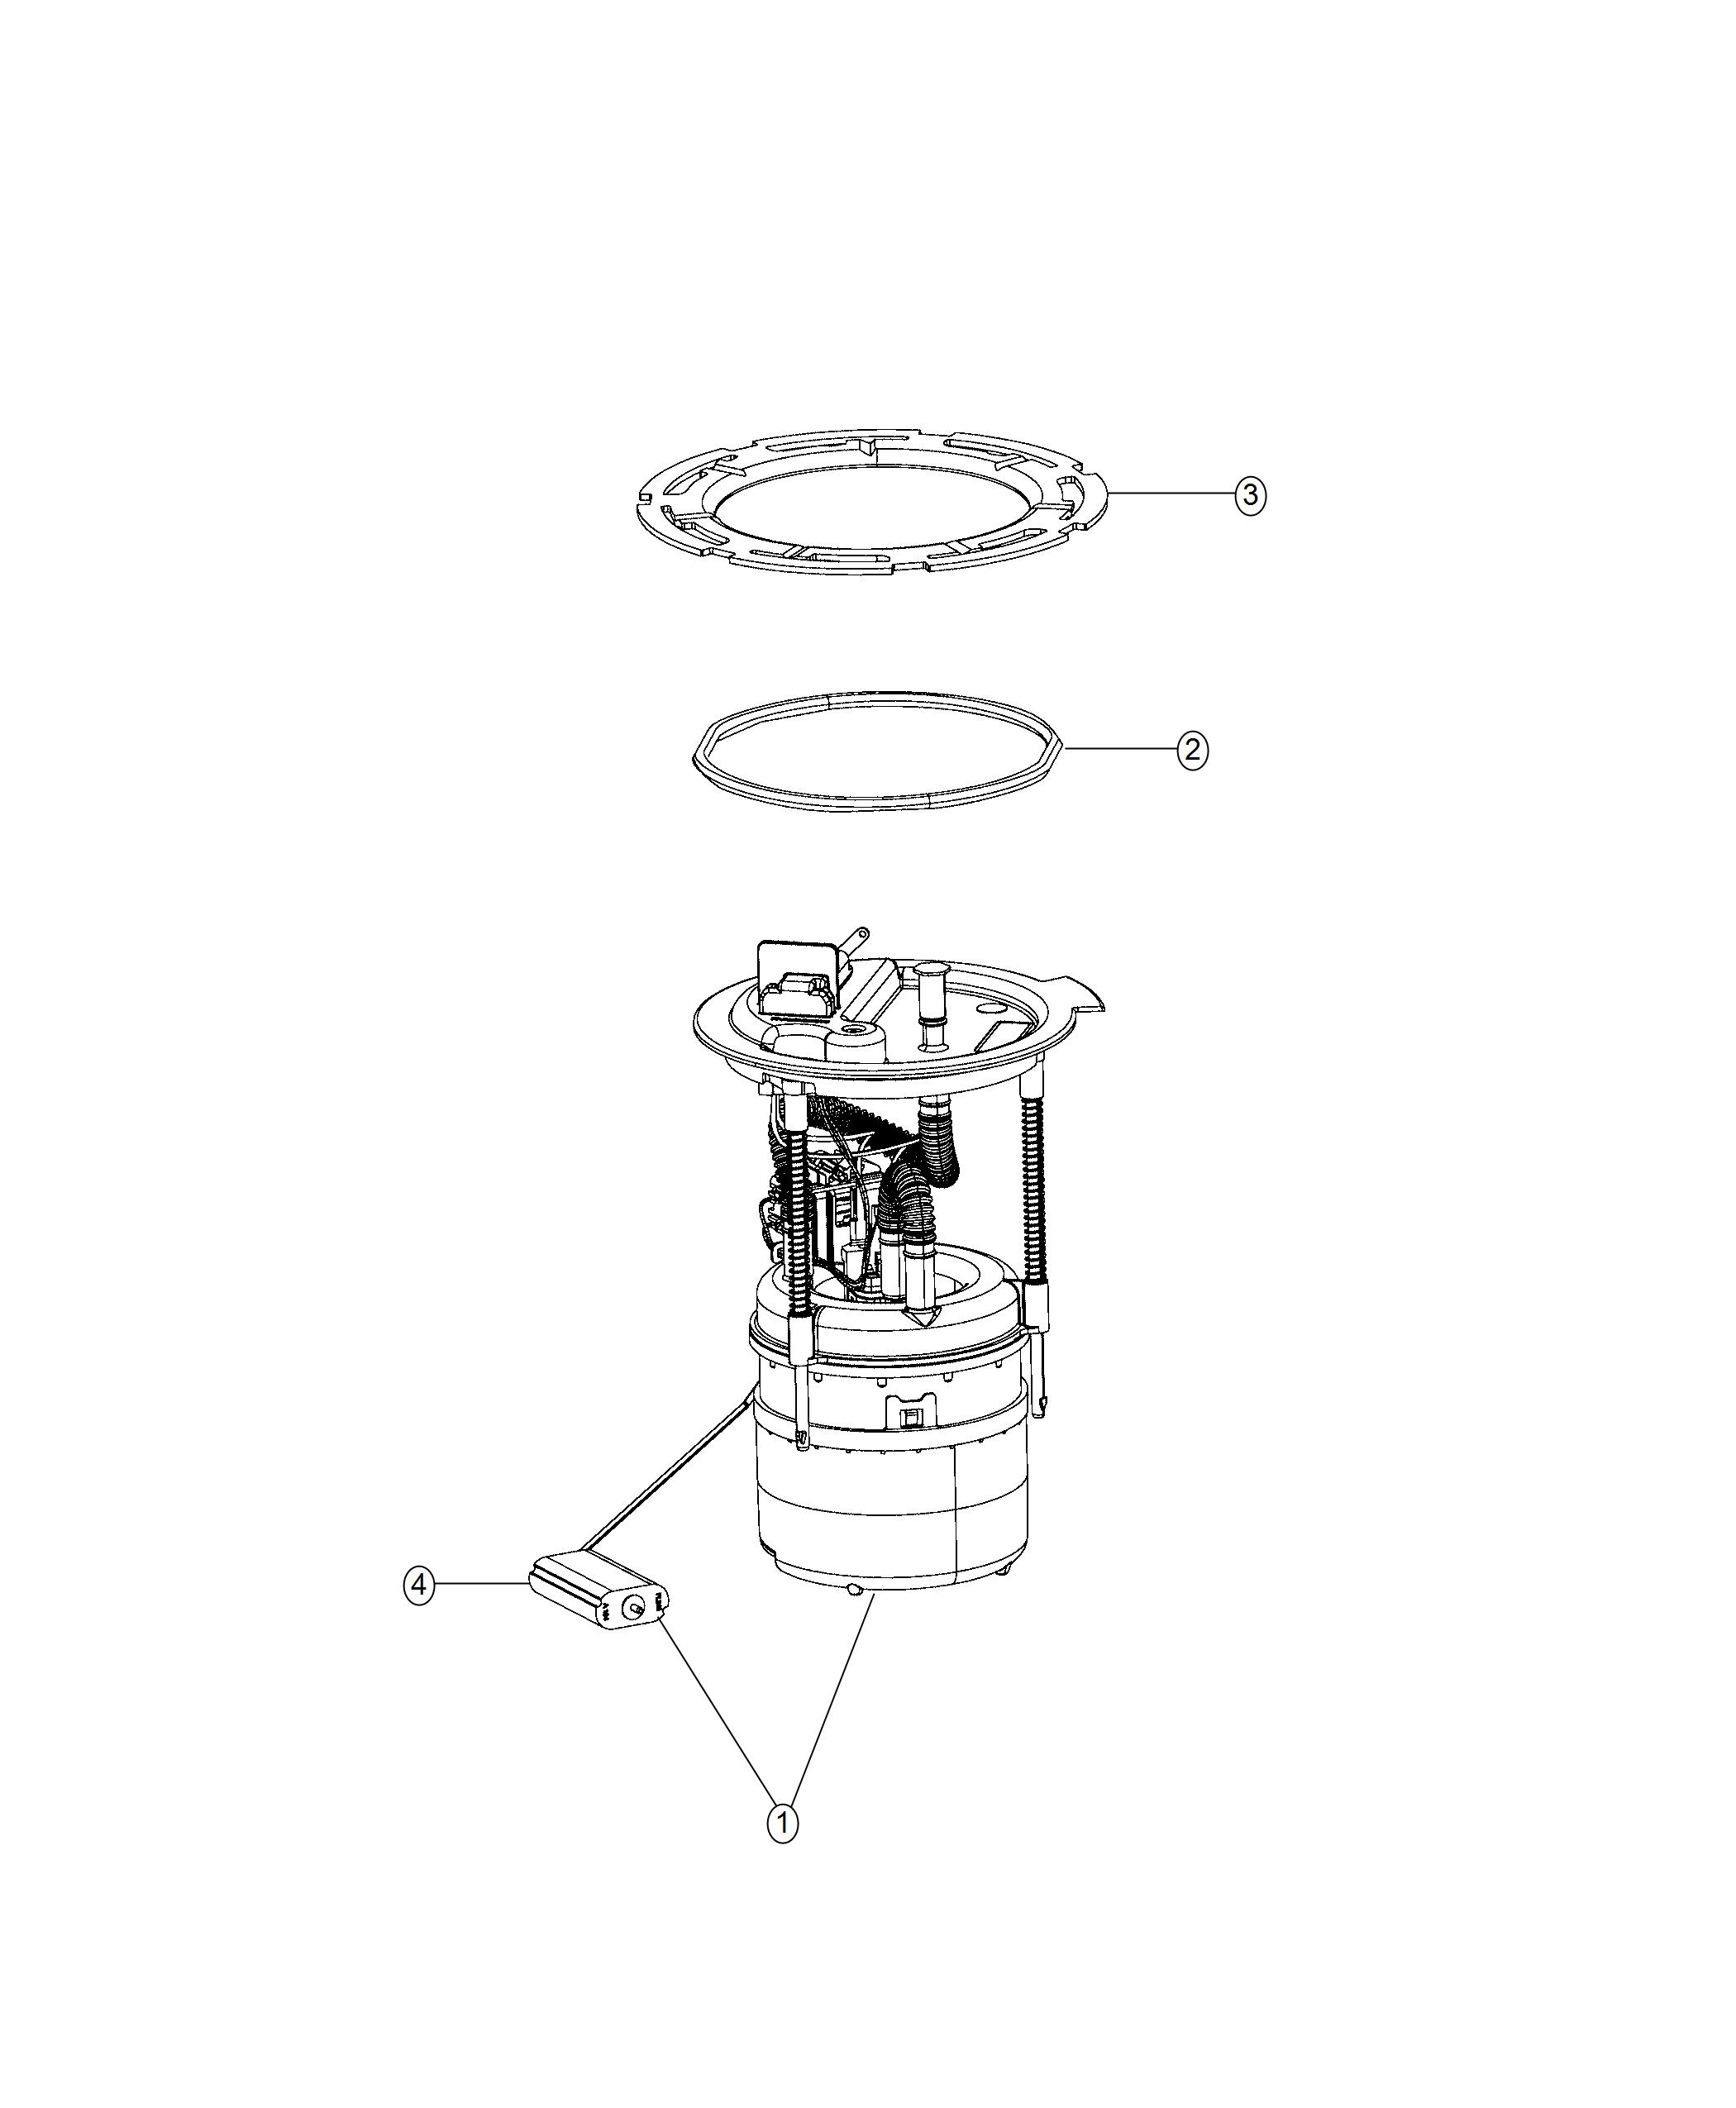 Jeep Compass Module kit. Fuel pump/level unit. [13.8